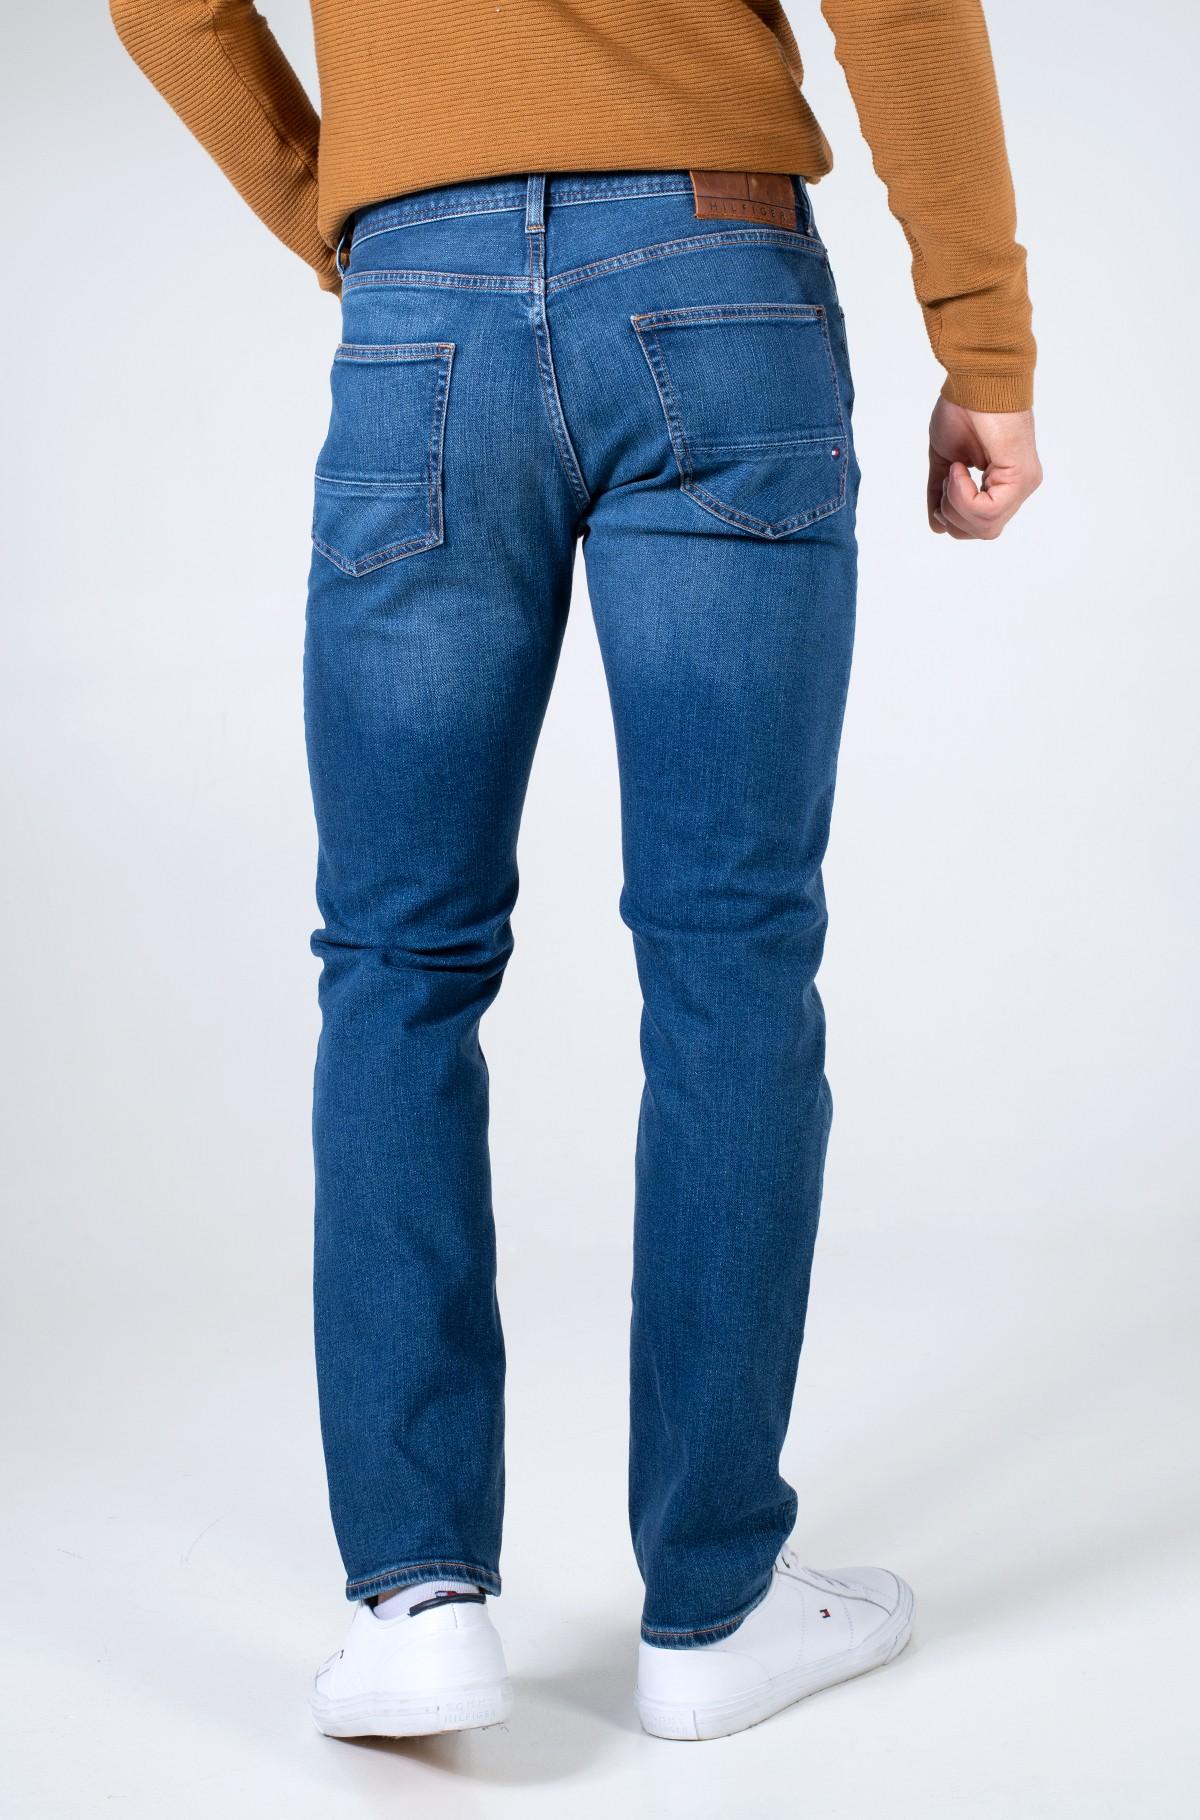 Džinsinės kelnės REGULAR MERCER STR HOBART INDIGO-full-2